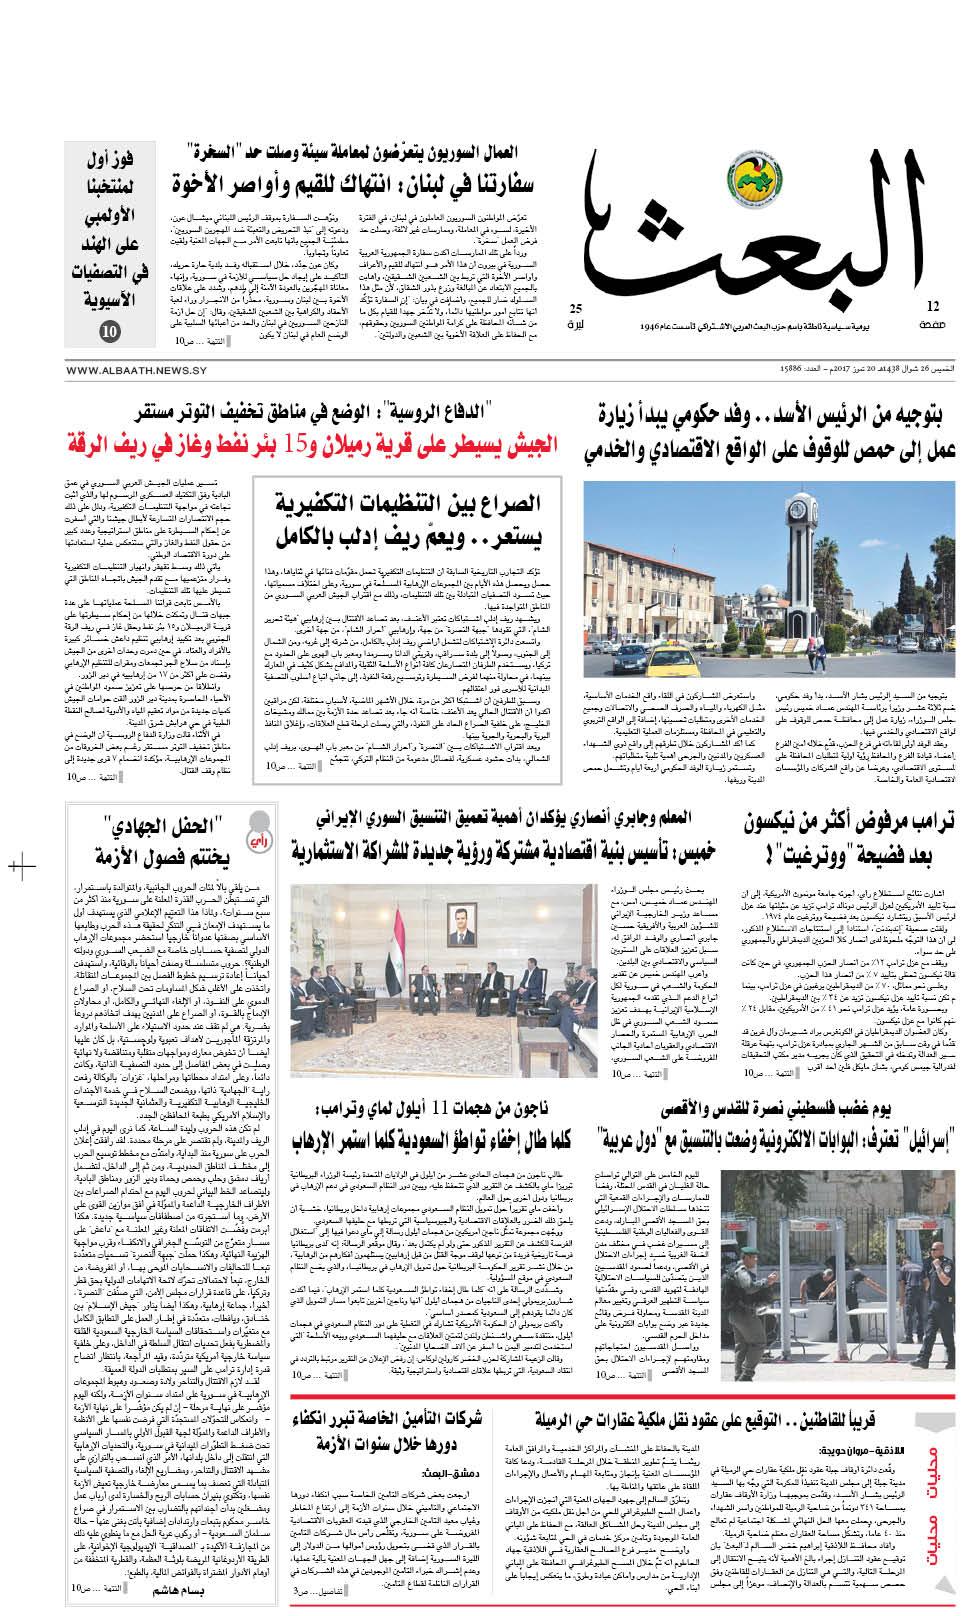 لتصفح العدد 15886 تاريخ 20-7-2017